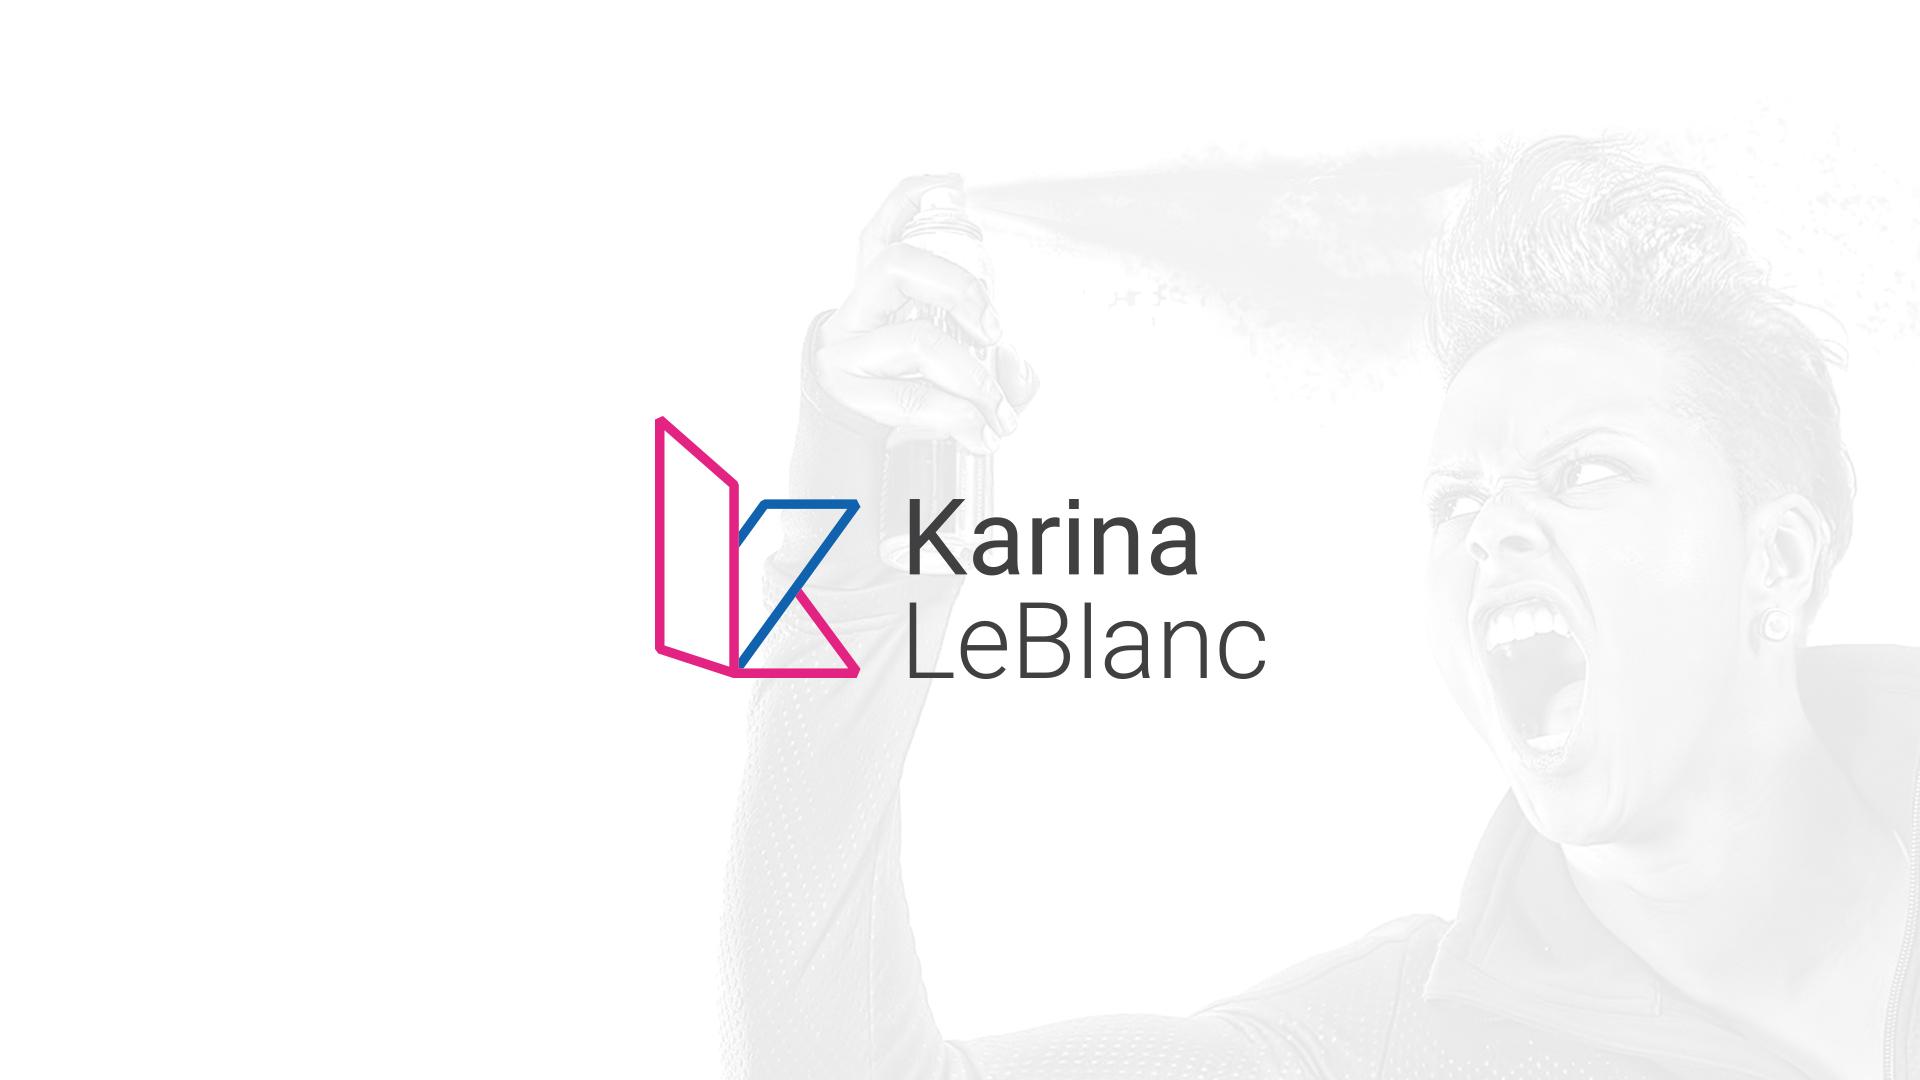 Y5-Creative-Karina-LeBlanc